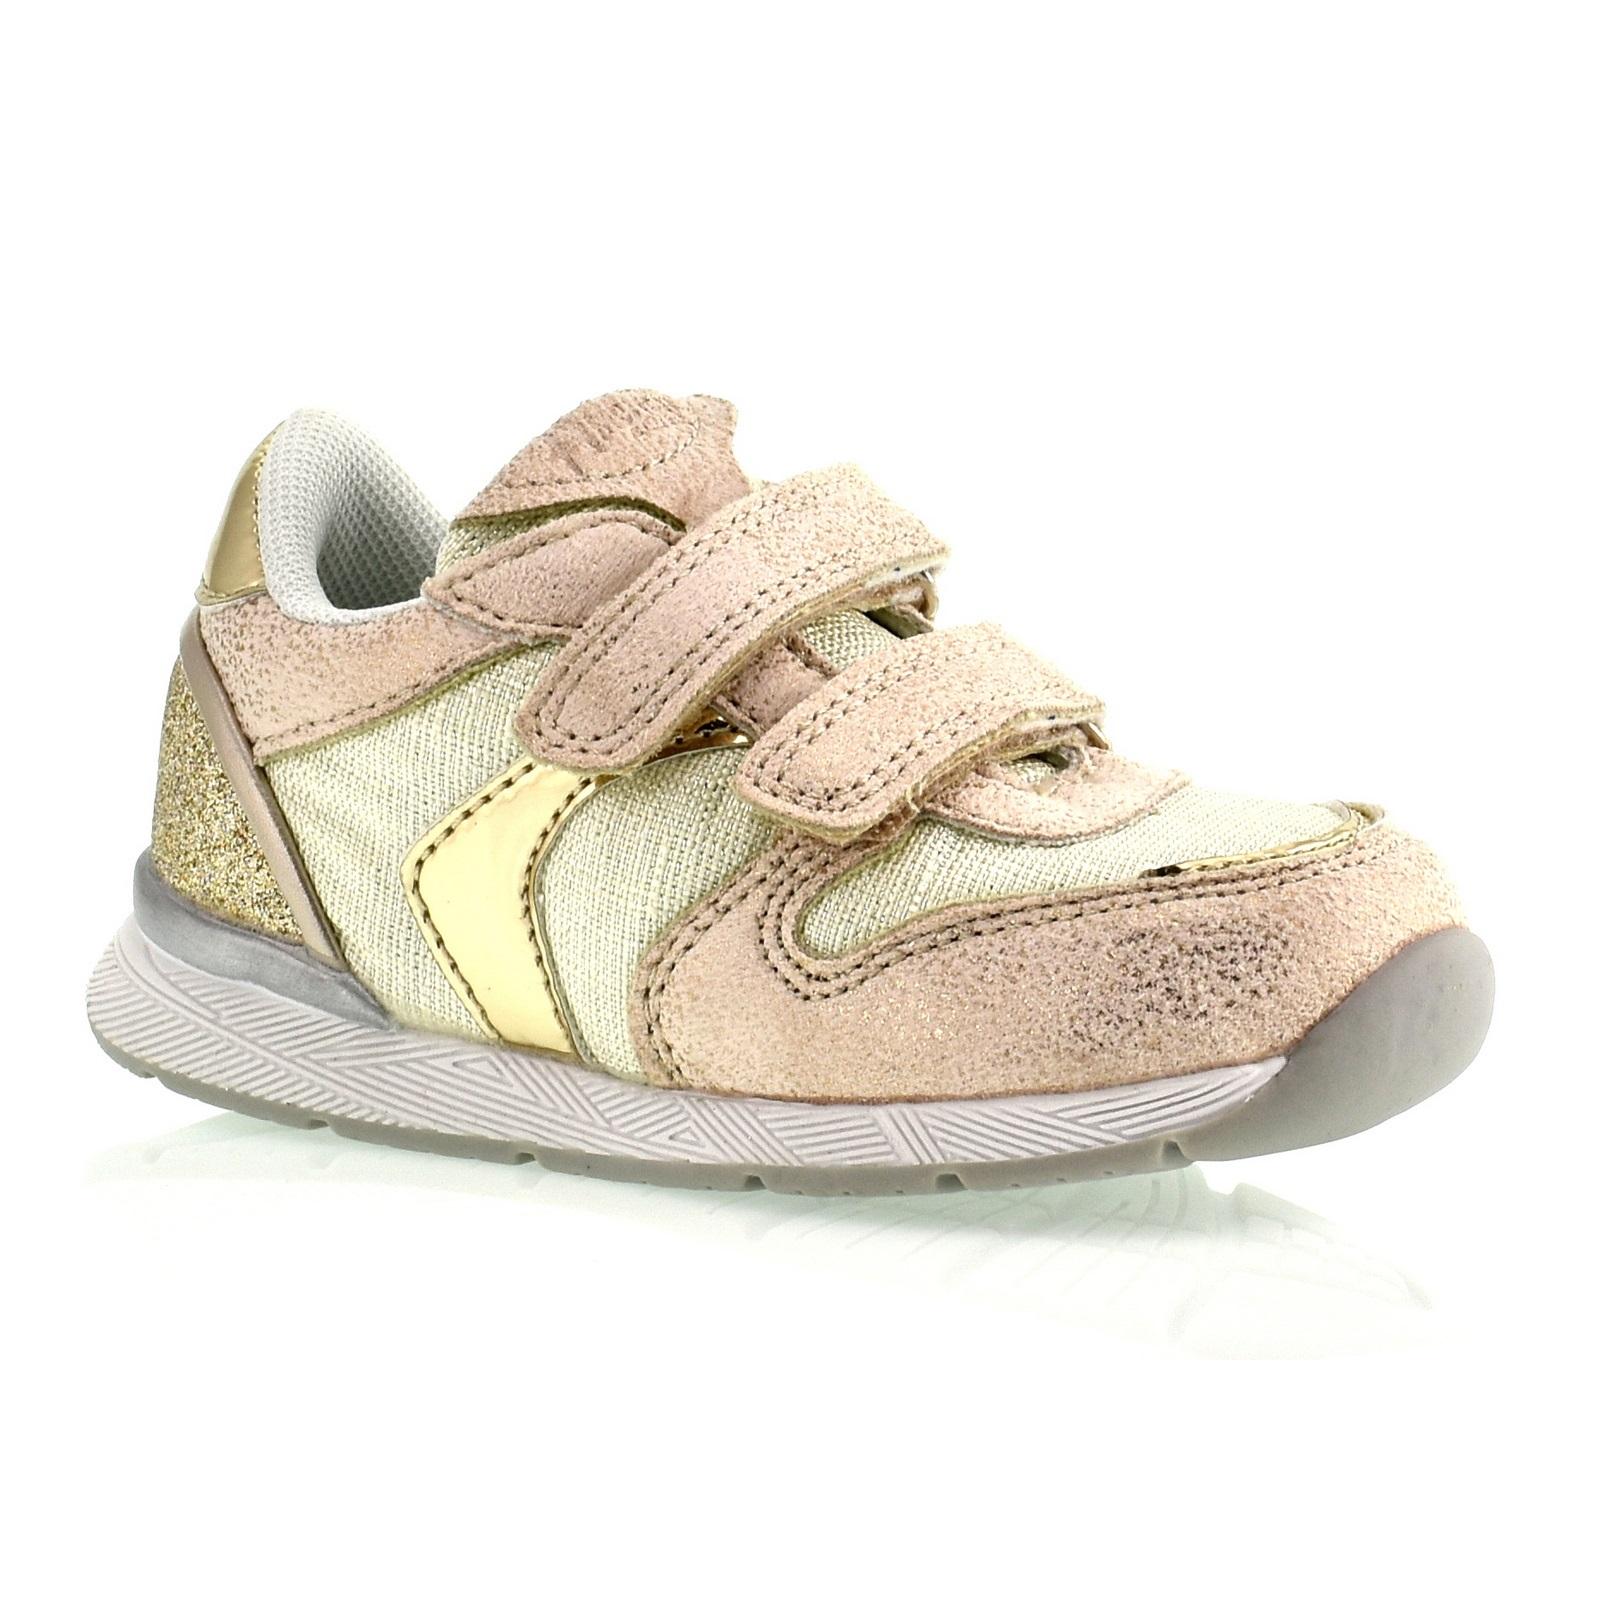 83be2d3b Złote buty dla dzieci American Club K17381 r.24 - 7281987057 ...